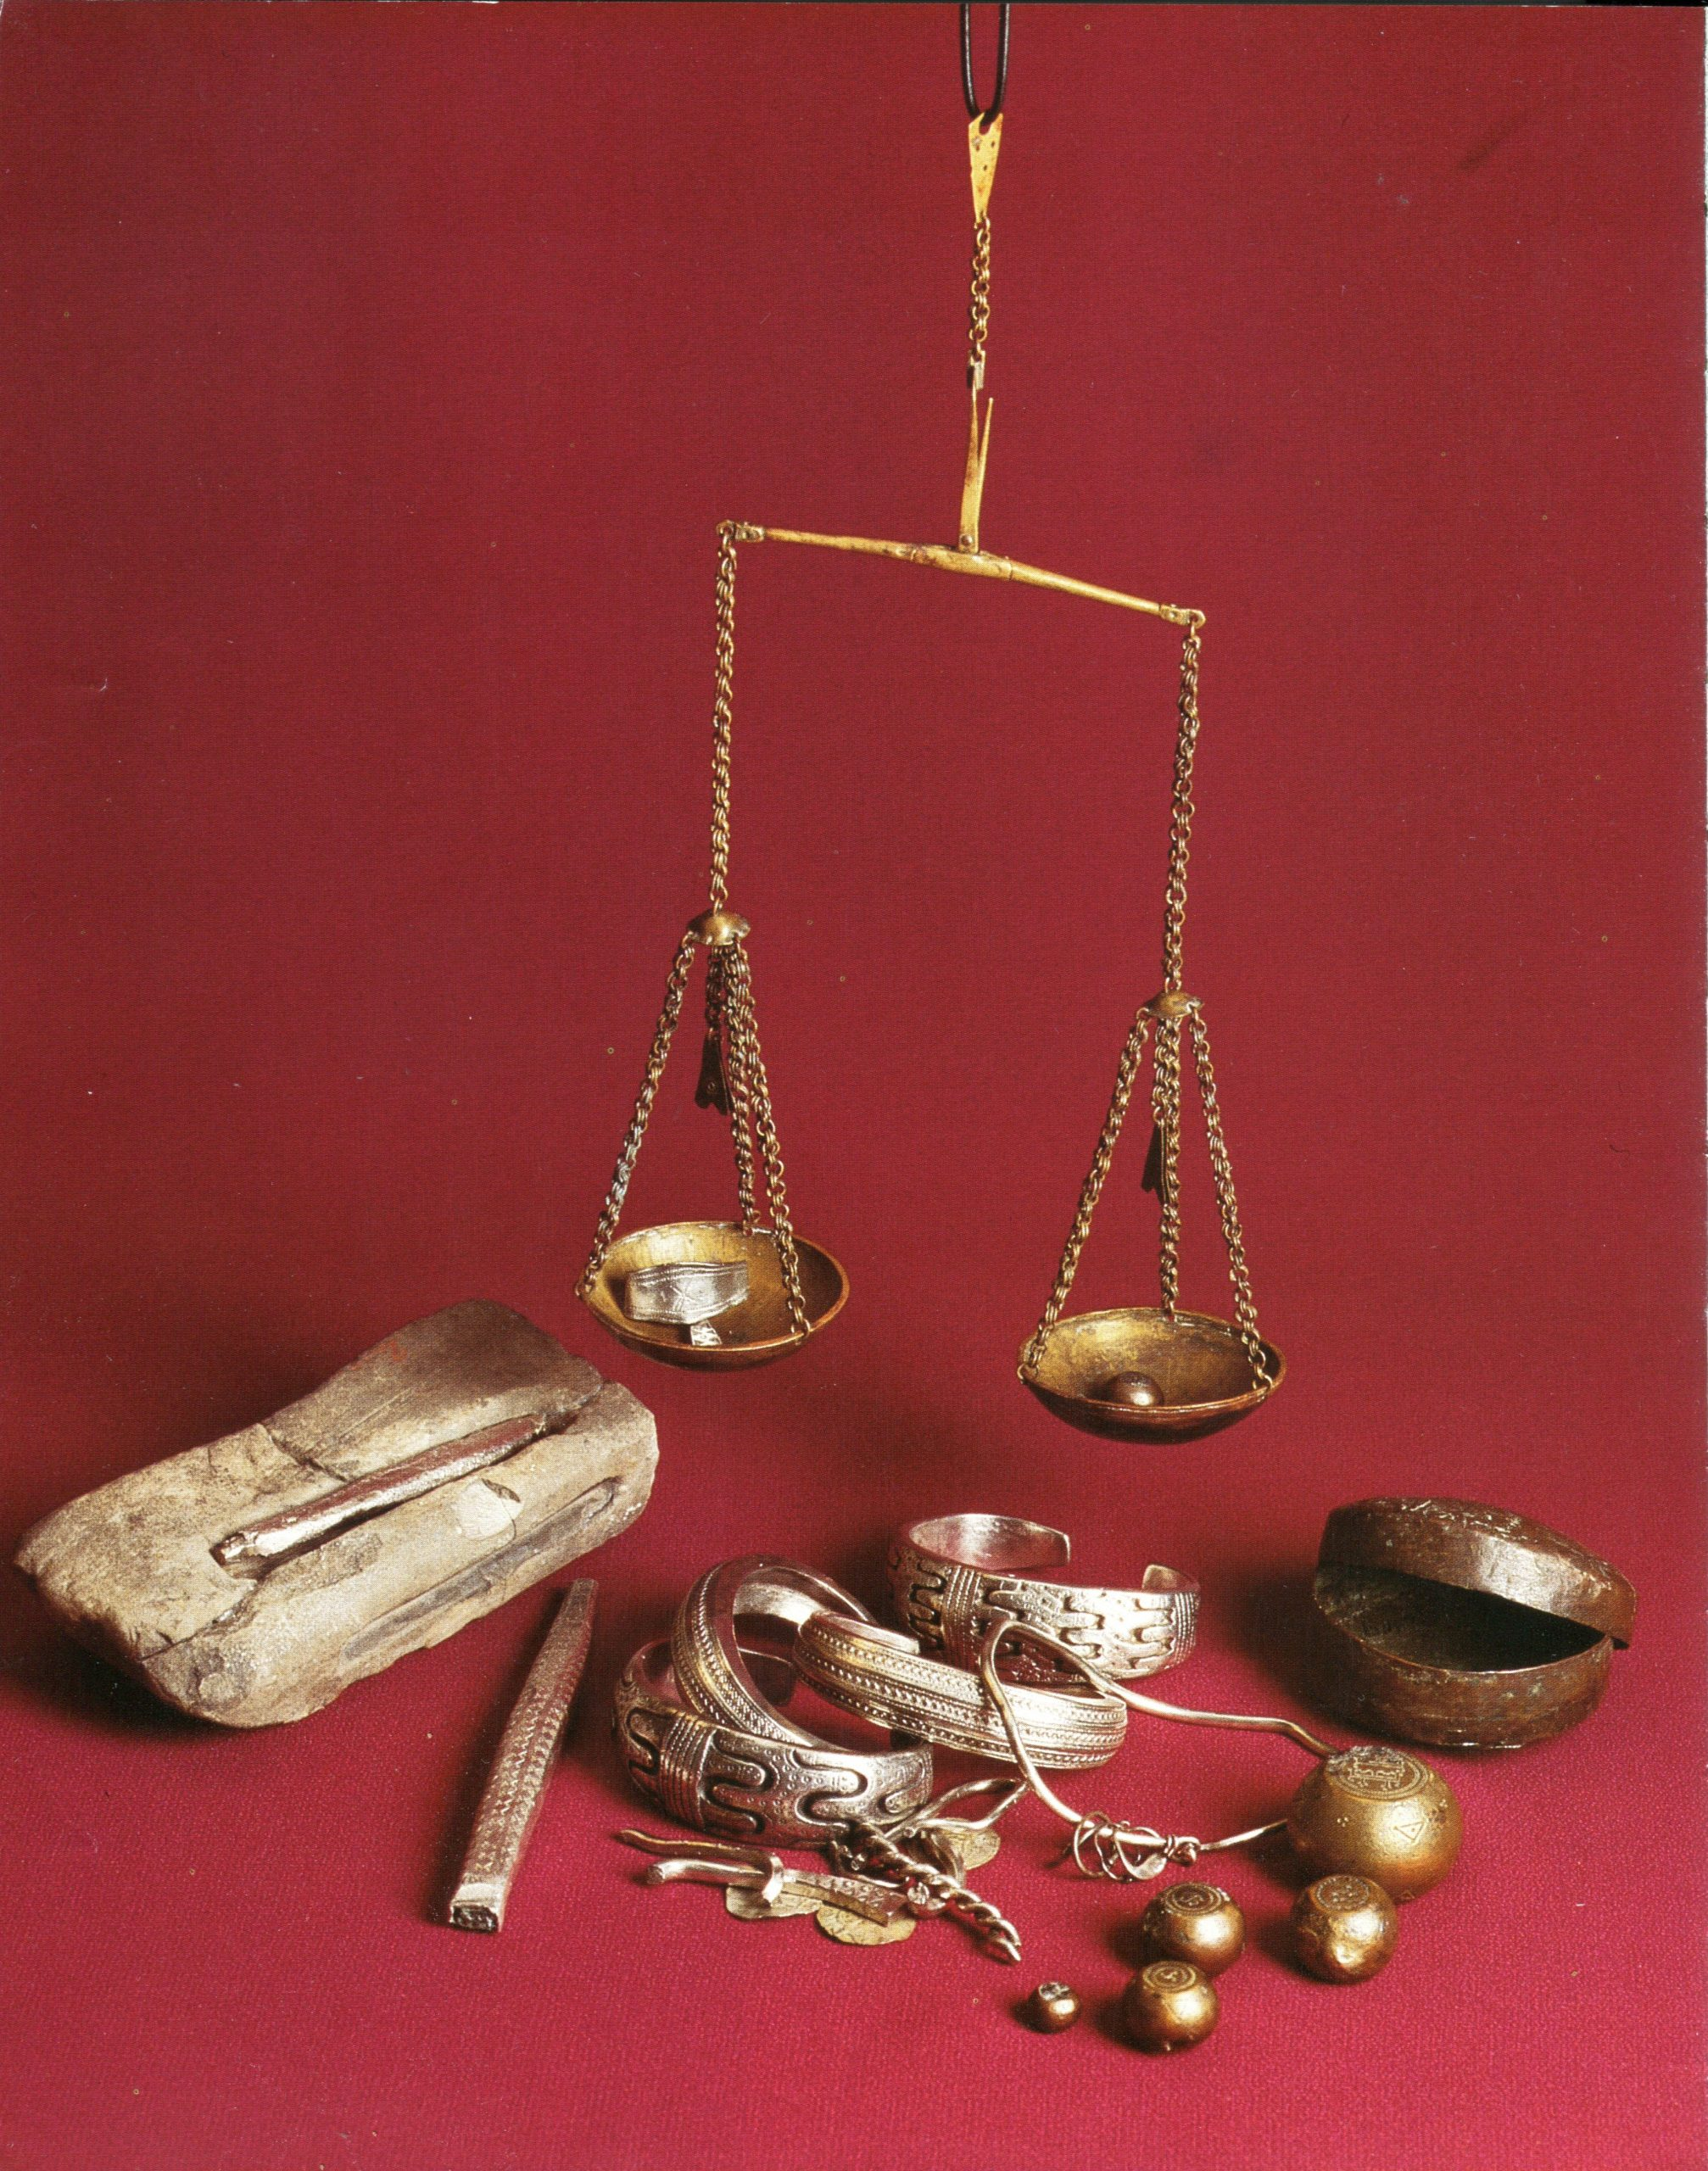 PGS 41,1 (2020) Titelblatt: Ausrüstung eines wikingerzeitlichen Händlers: Klappwaage, Transportdose, Gewichte, Silberobjekte, Specksteinform für Barrenguss.